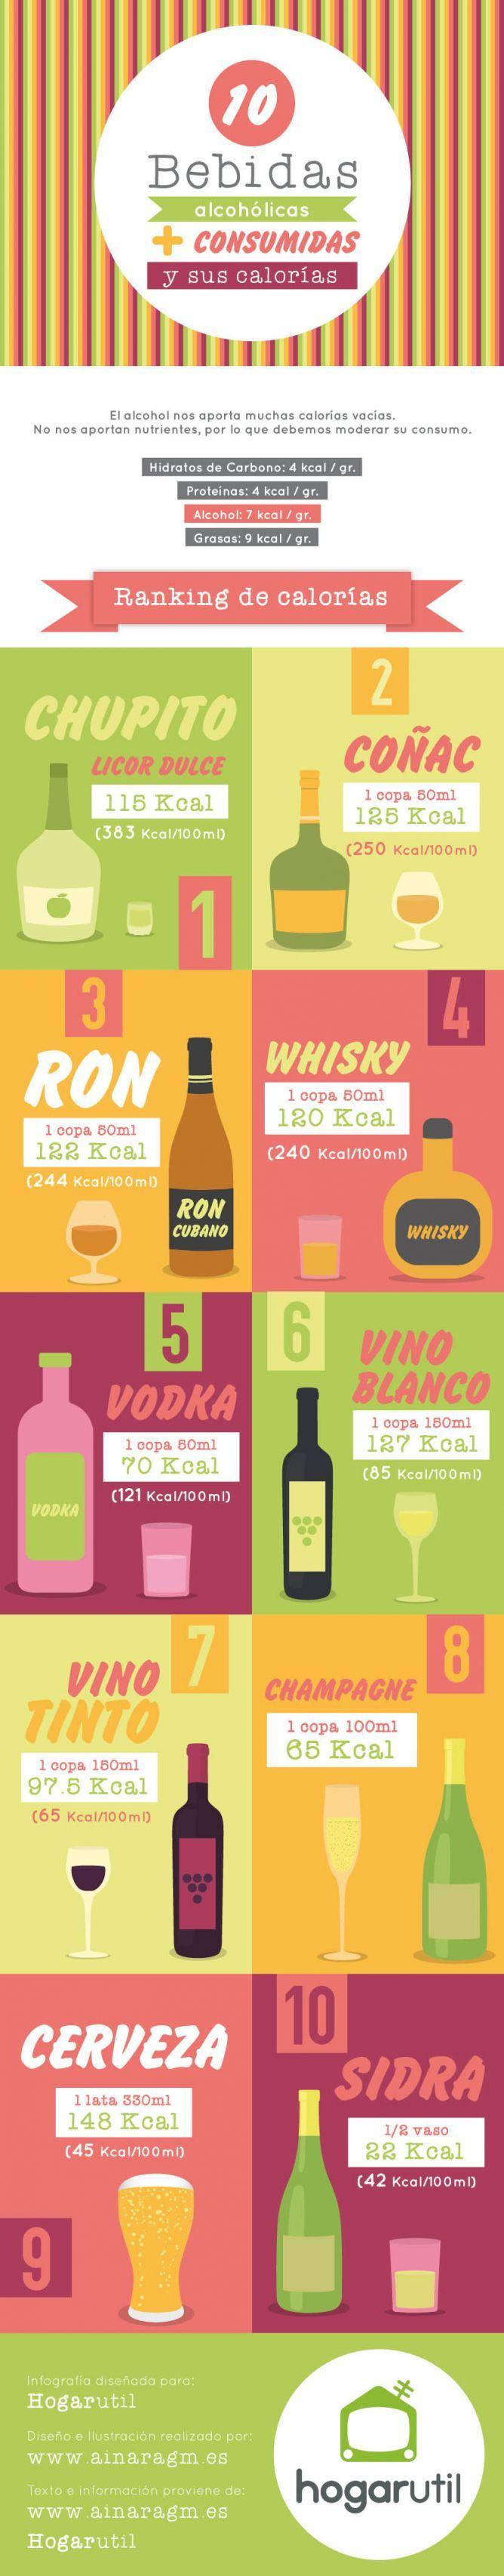 #infografia 10 bebidas con alcohol más consumidas y sus calorías by @ainaragm